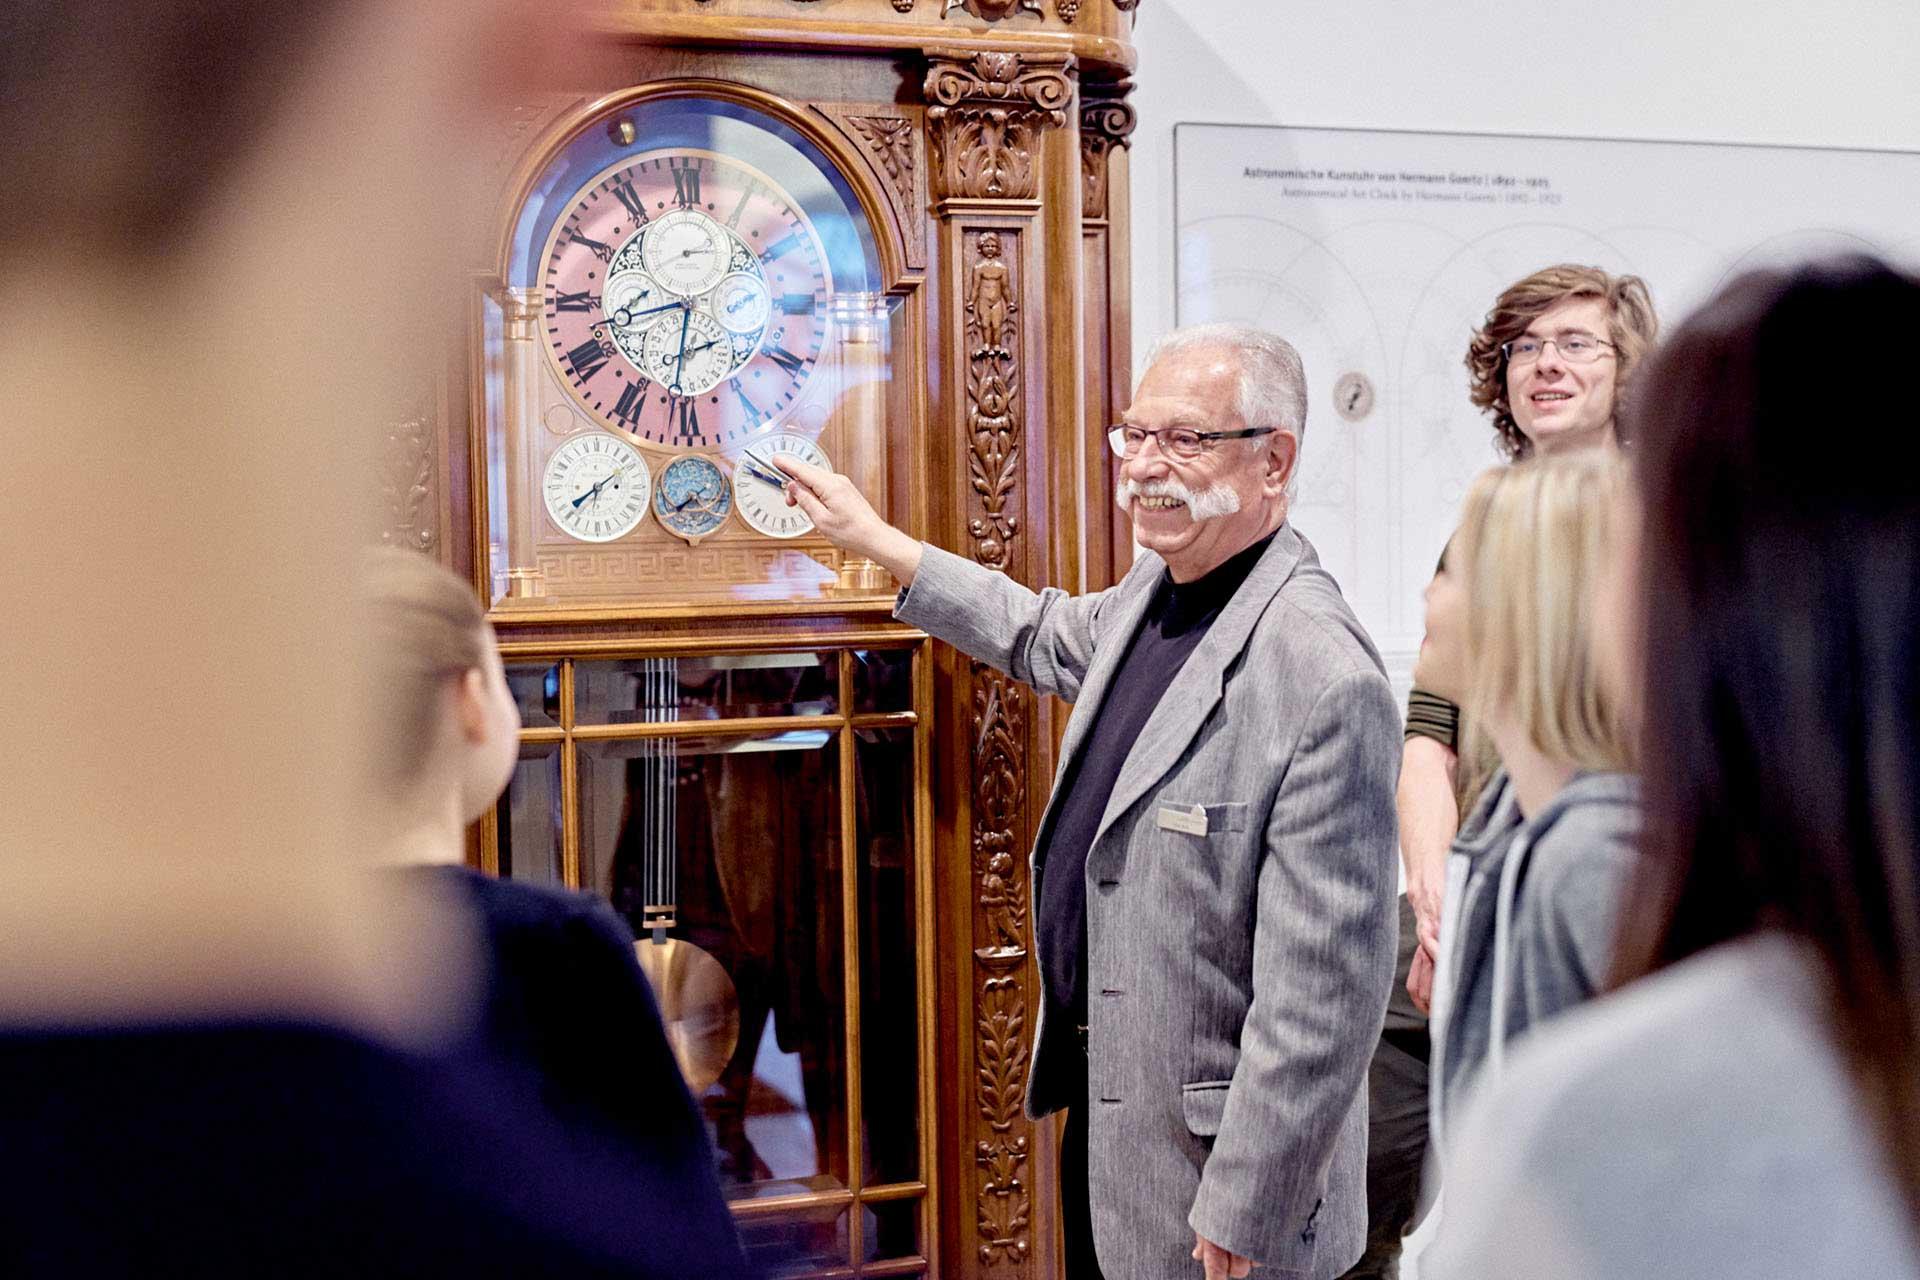 """Die Manufaktur Glashütte Original bot sich nicht nur durch ihre Nachbarschaft als Veranstaltungsort an, sie ist als Mitbegründerin der Stiftung """"Deutsches Uhrenmuseum Glashütte – Nicolas G. Hayek"""" unmittelbar in das Projekt involviert."""